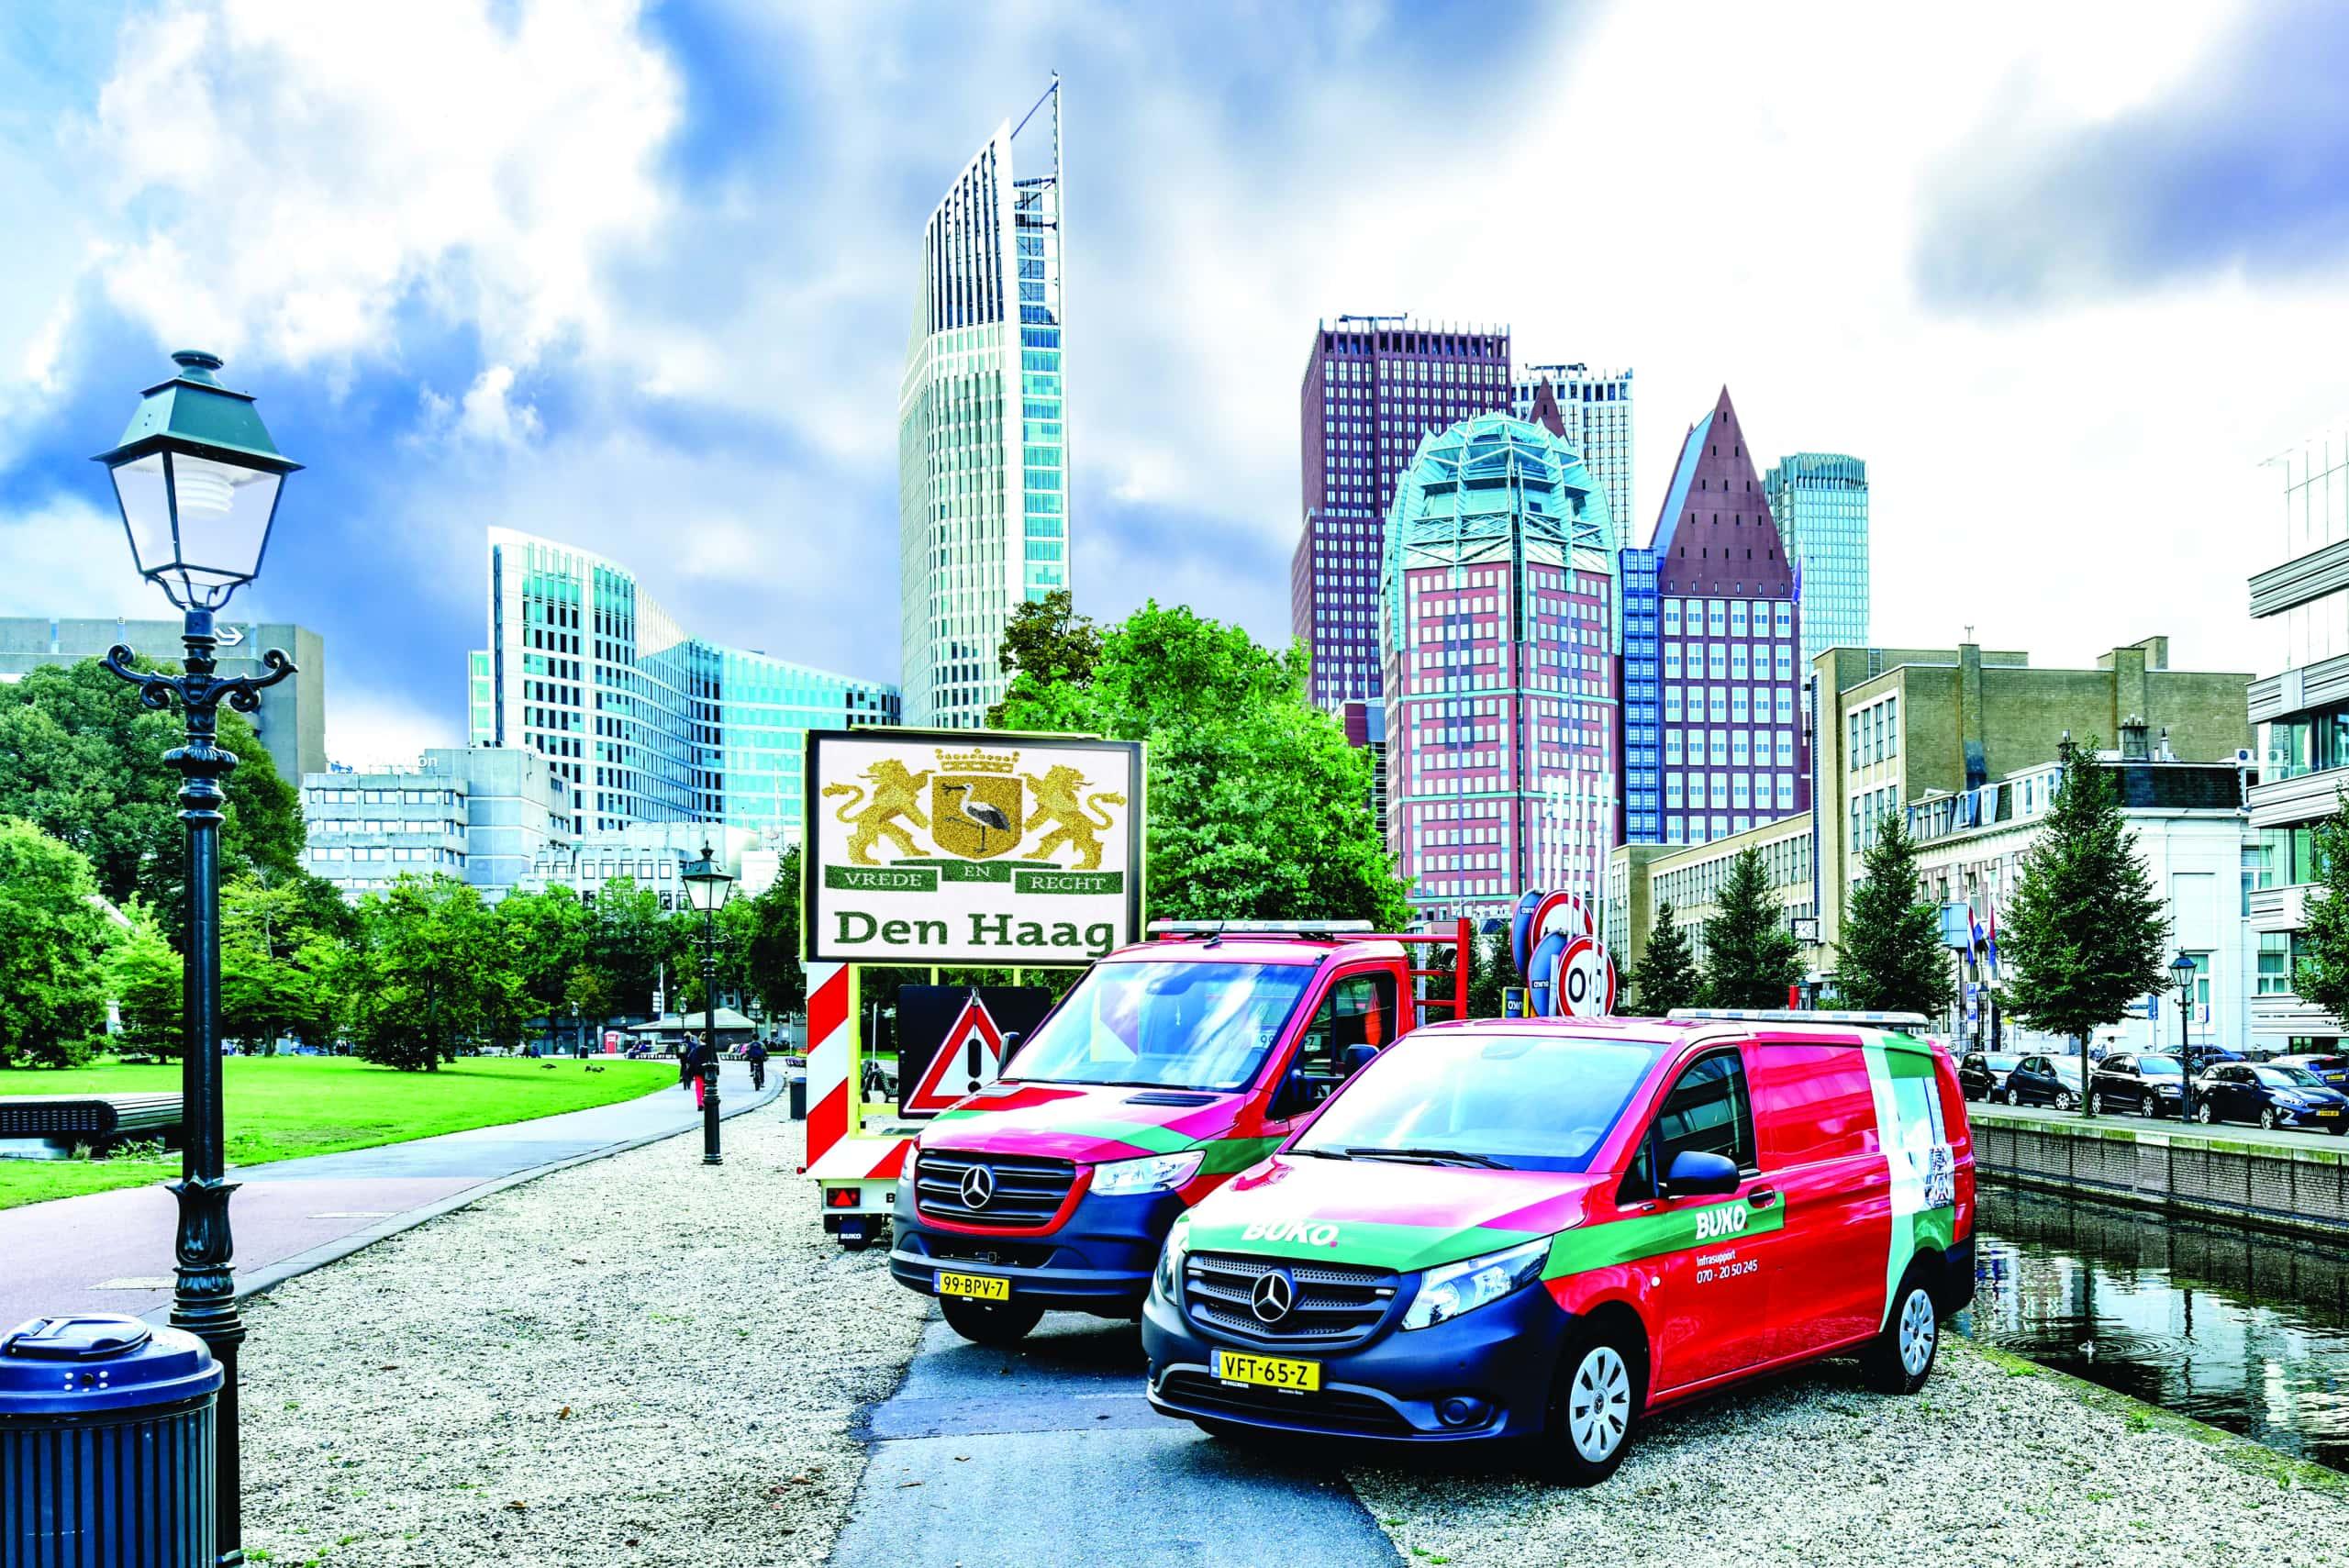 Raamovereenkomst Verkeersmaatregelen en Engineering met Gemeente Den Haag